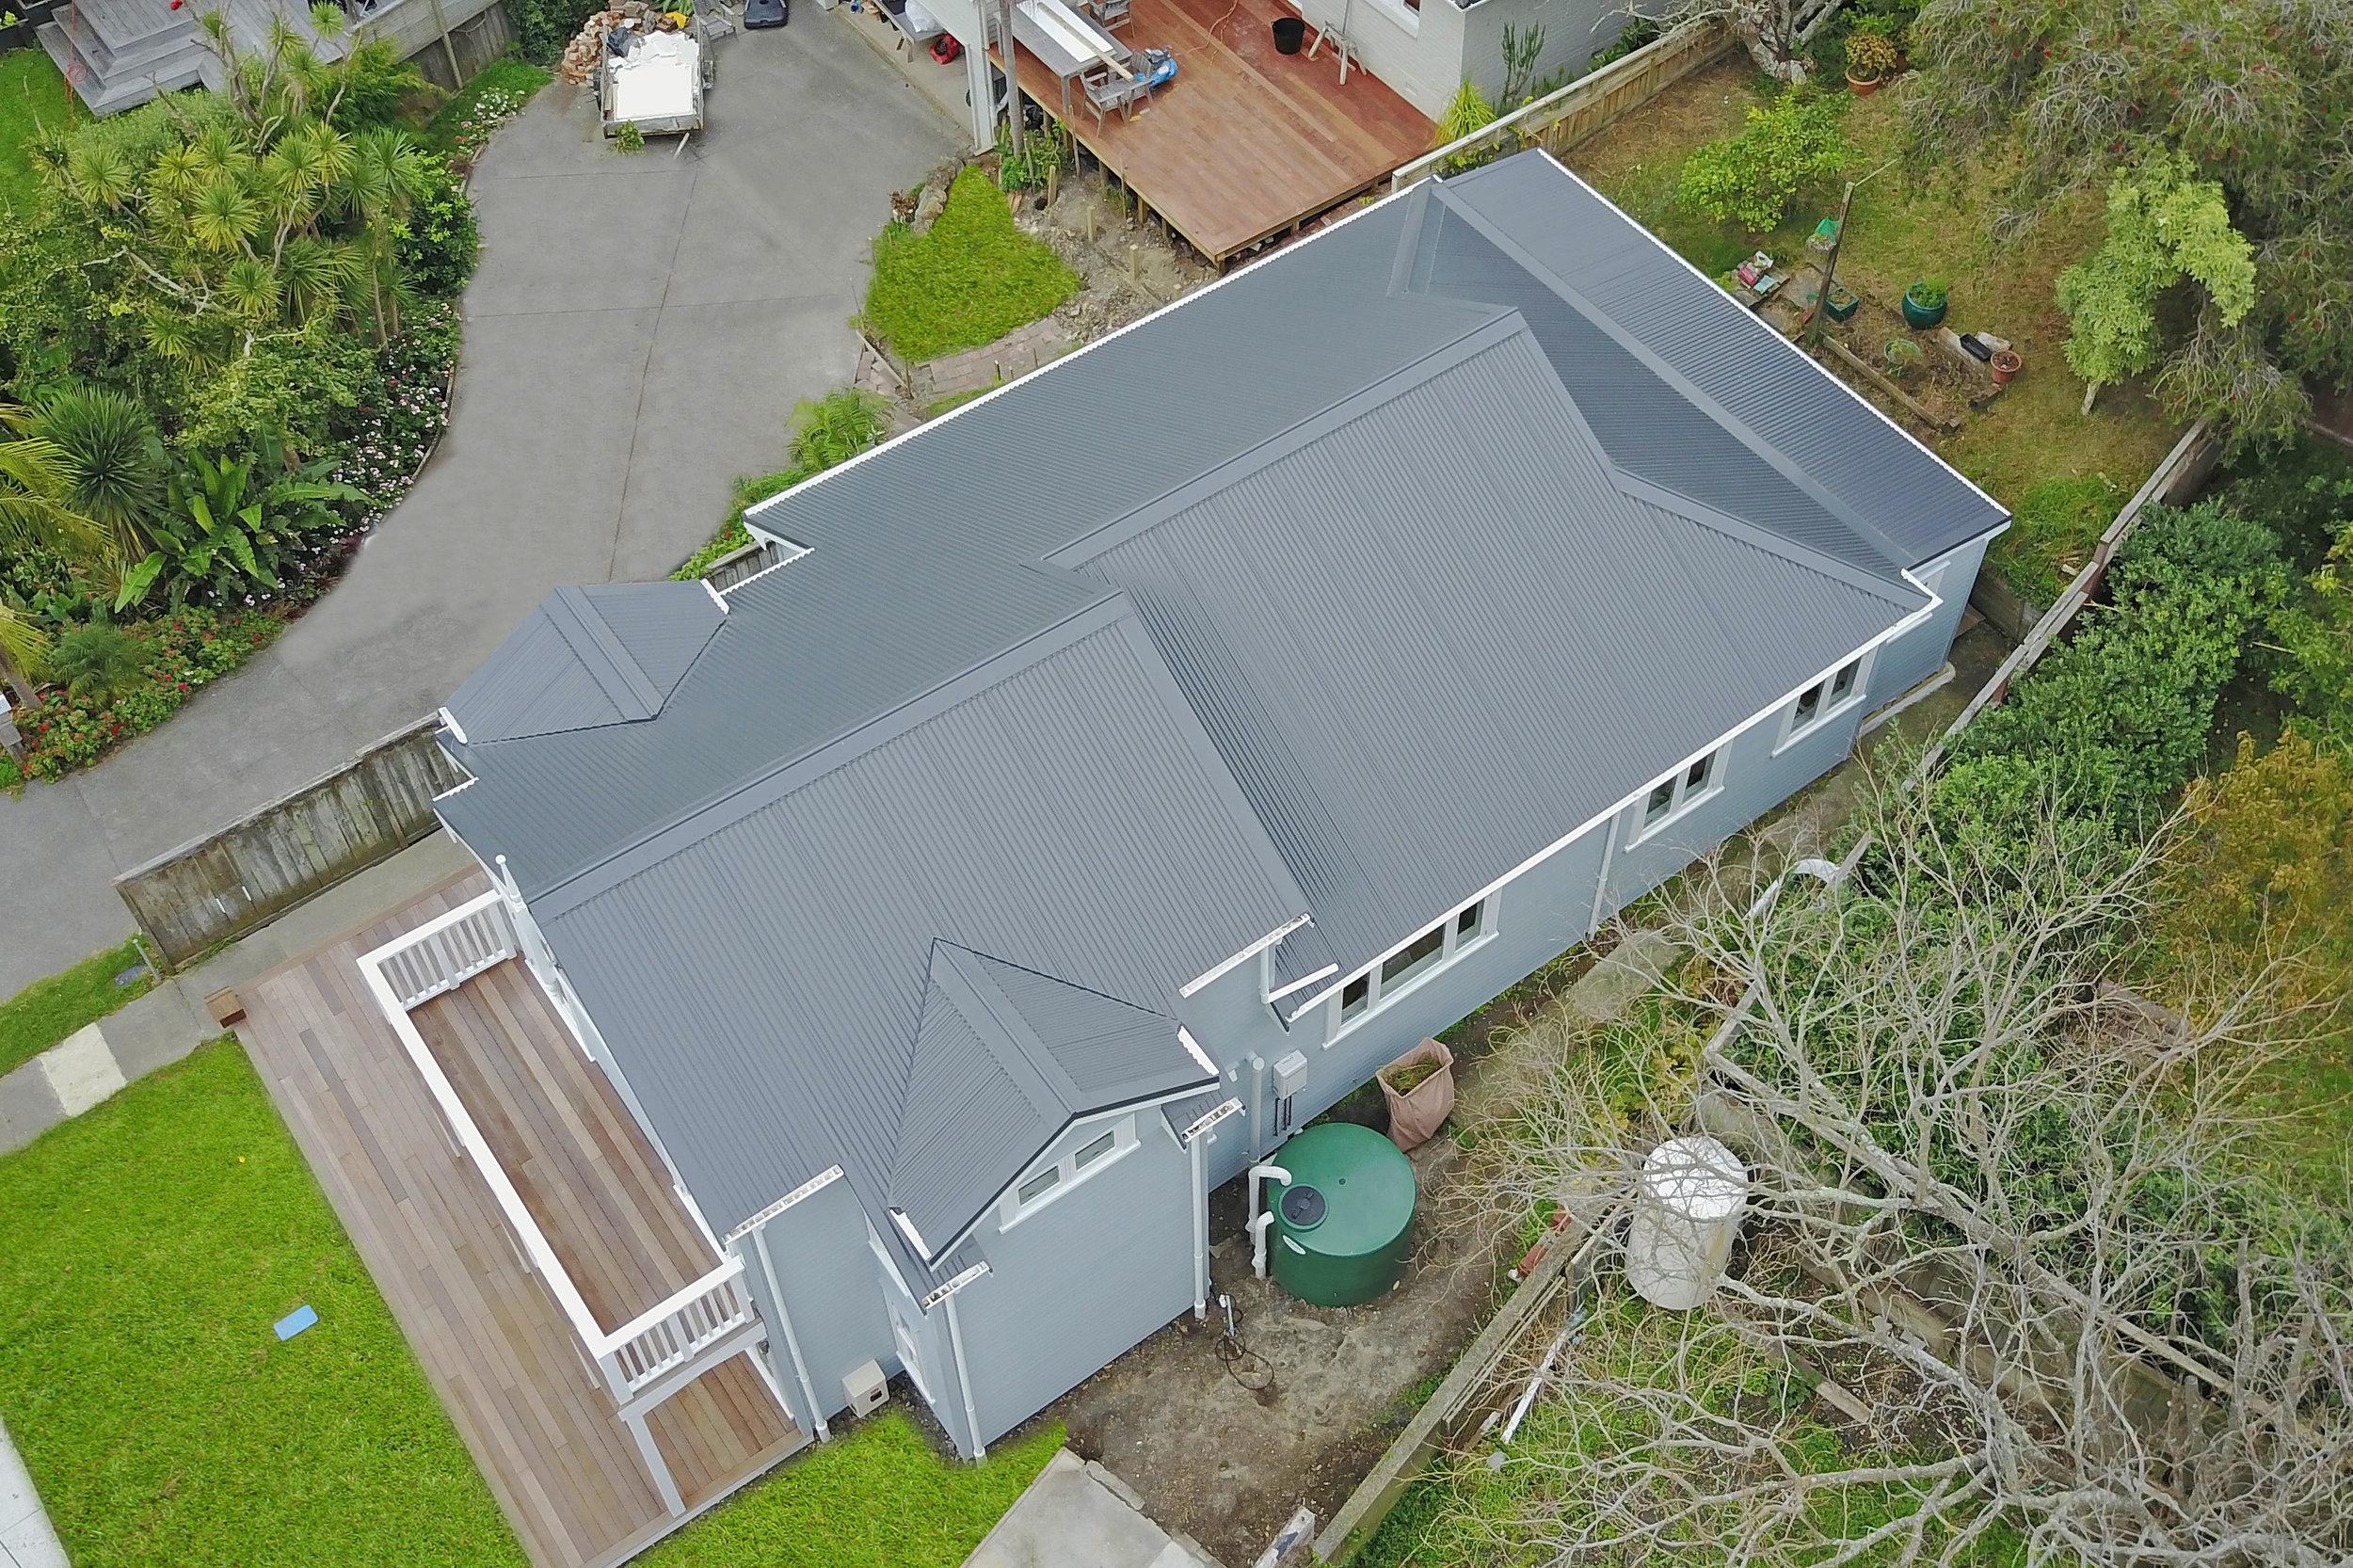 The-Roofing-Store-Steel-Metal-Corrugate-Vitor-0.55-Grey-Friars-2.jpg.jpg